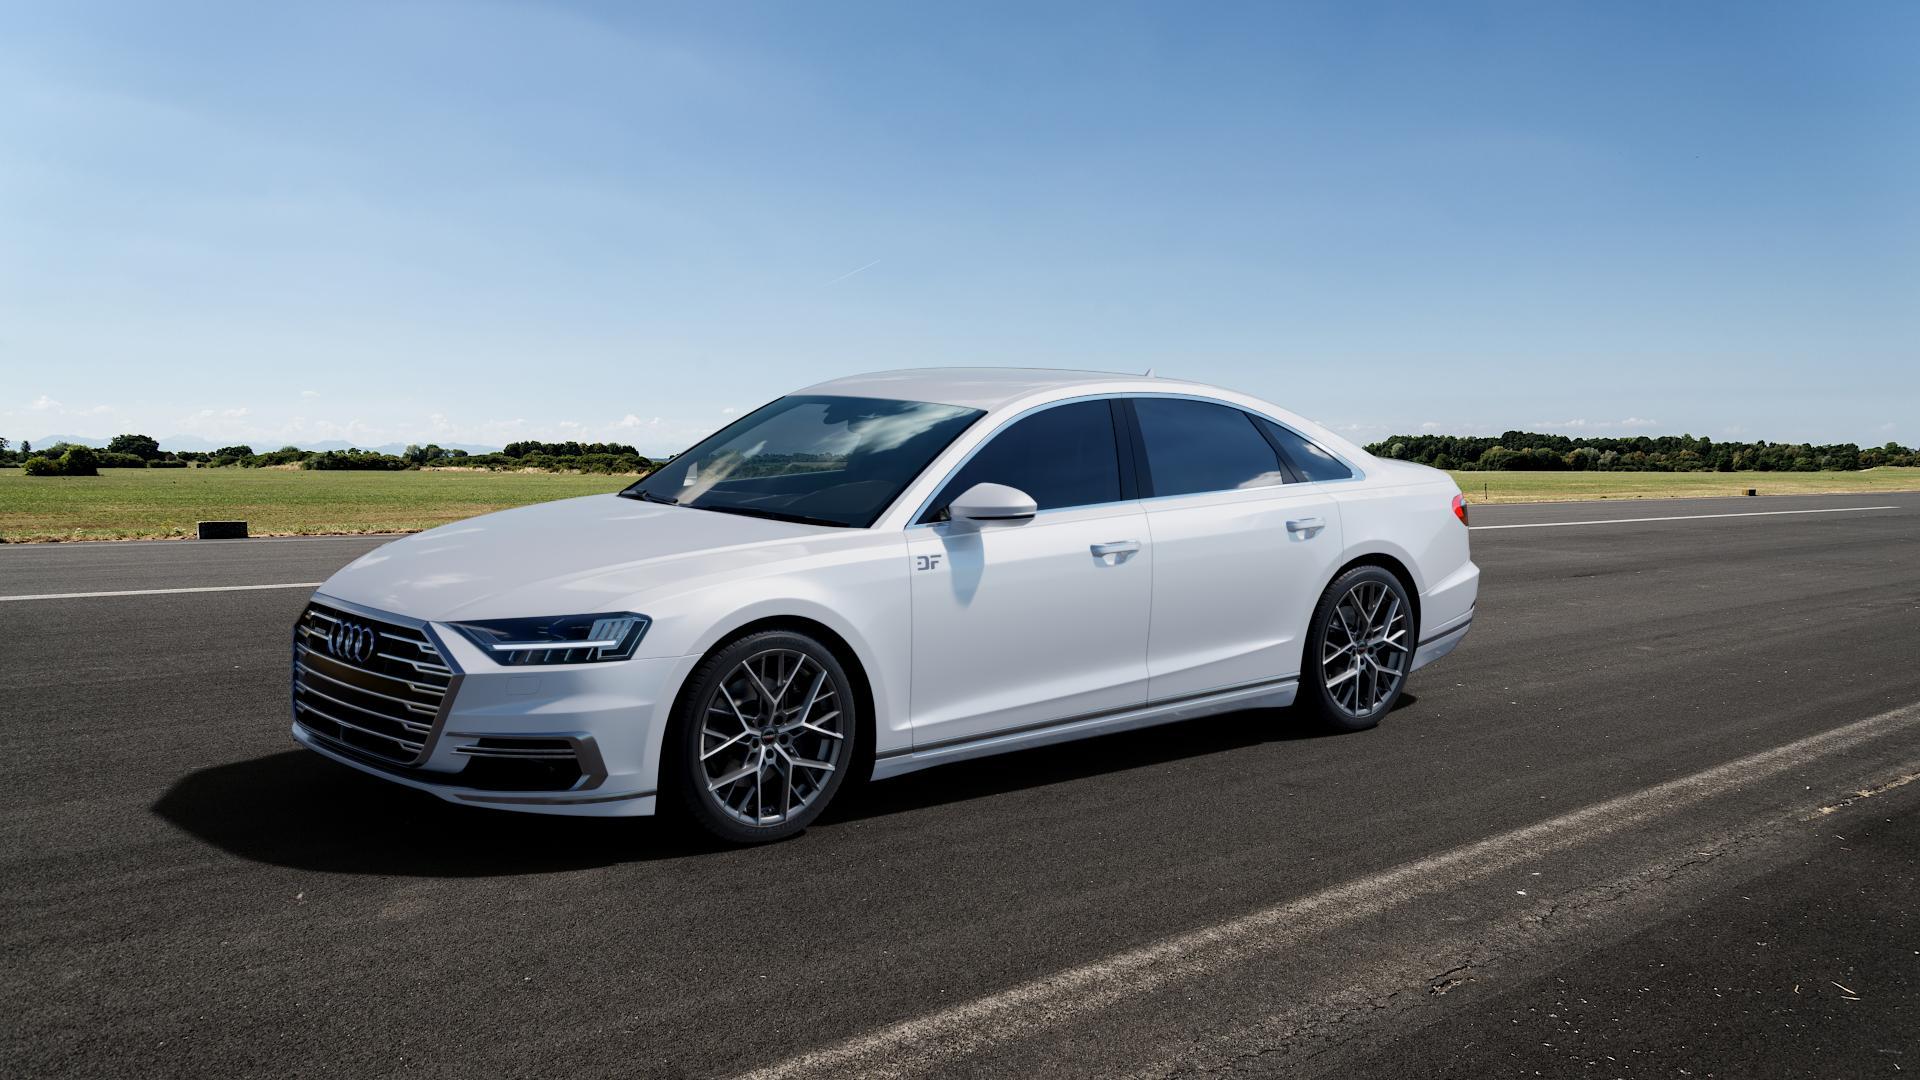 Borbet BY titan polished matt Felge mit Reifen grau in 20Zoll Alufelge auf weissem Audi A8 Typ D5/F8 3,0l 60 TFSI e quattro 250kW (340 PS) Hybrid 4,0l 338kW (460 420kW S8 (571 TDI 210kW (286 320kW (435 ⬇️ mit 15mm Tieferlegung ⬇️ Big_Vehicle_Airstrip_1 Frontansicht_1